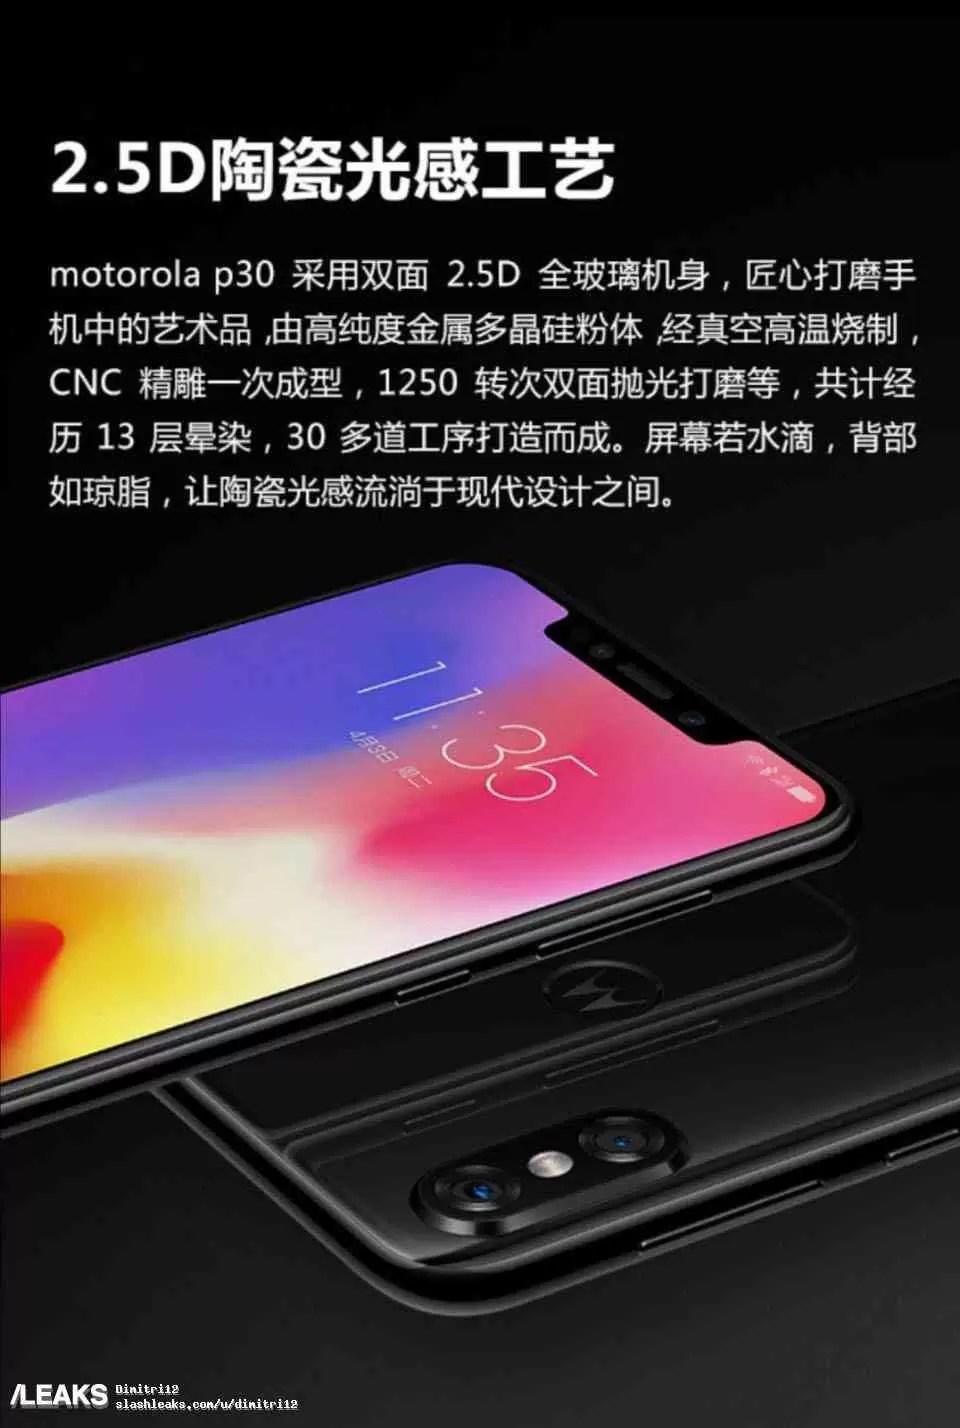 Motorola P30 revelado com especificações no site oficial na China 7